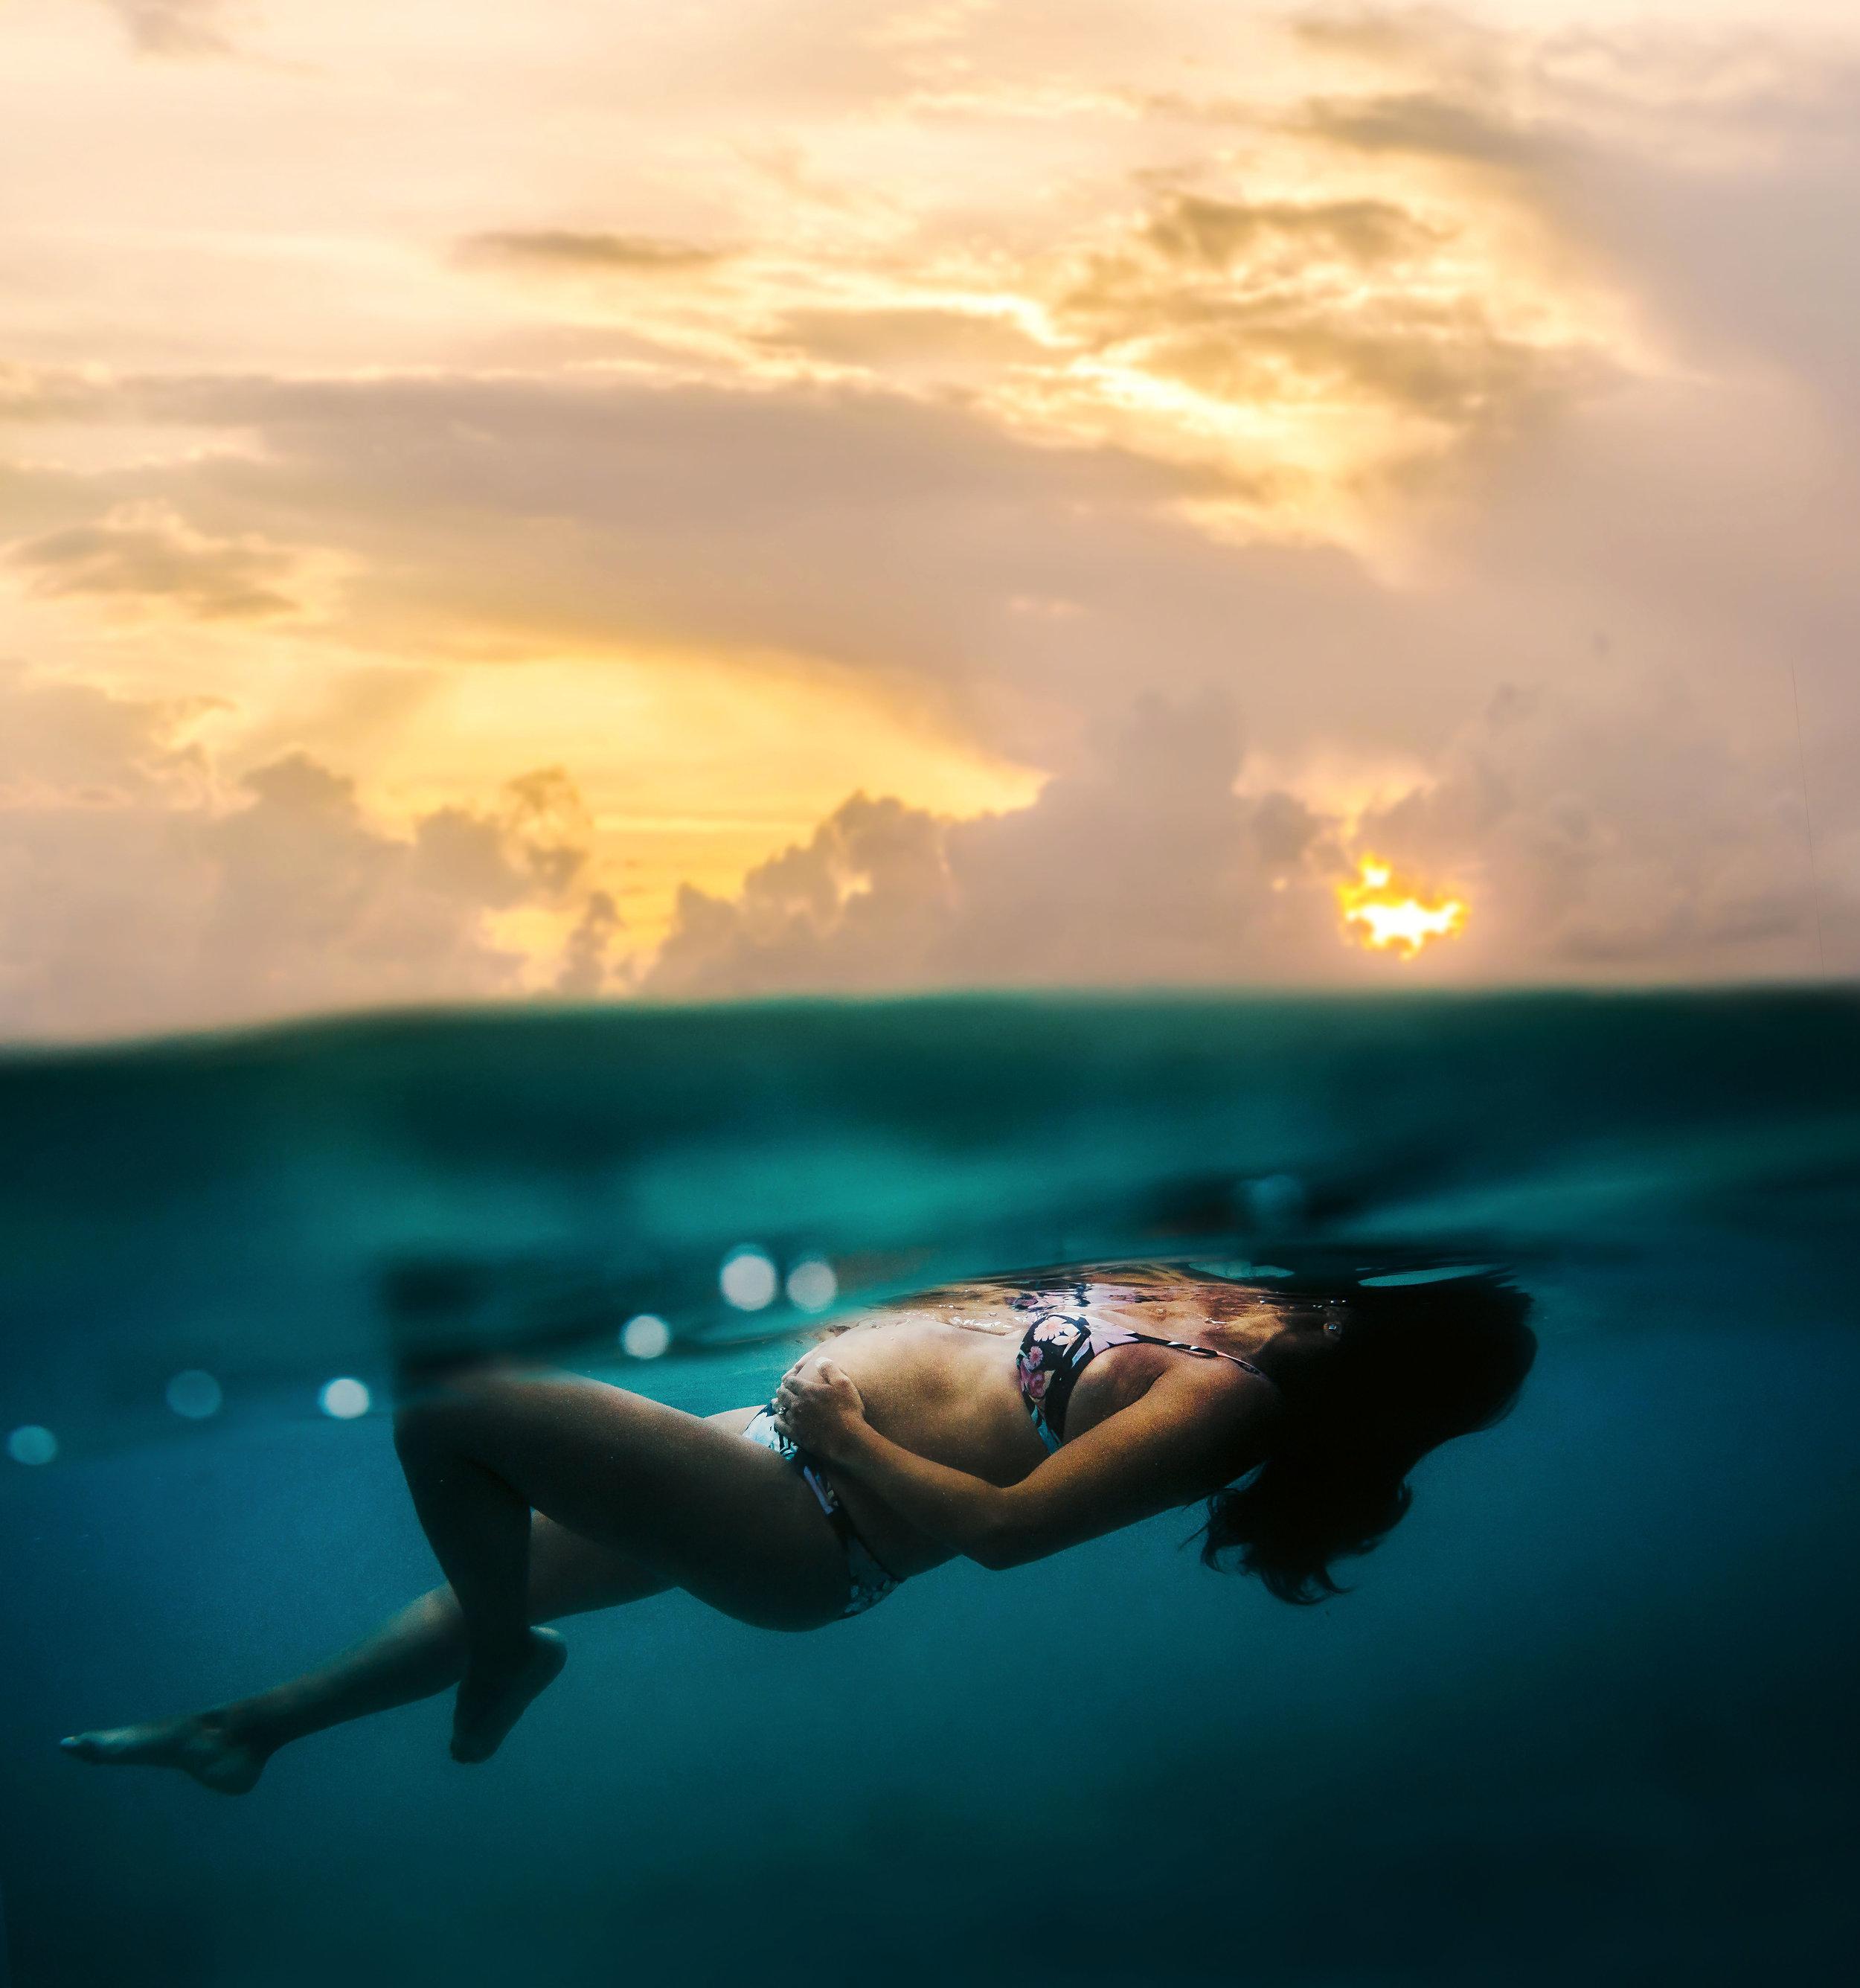 underwater3 copy.jpg